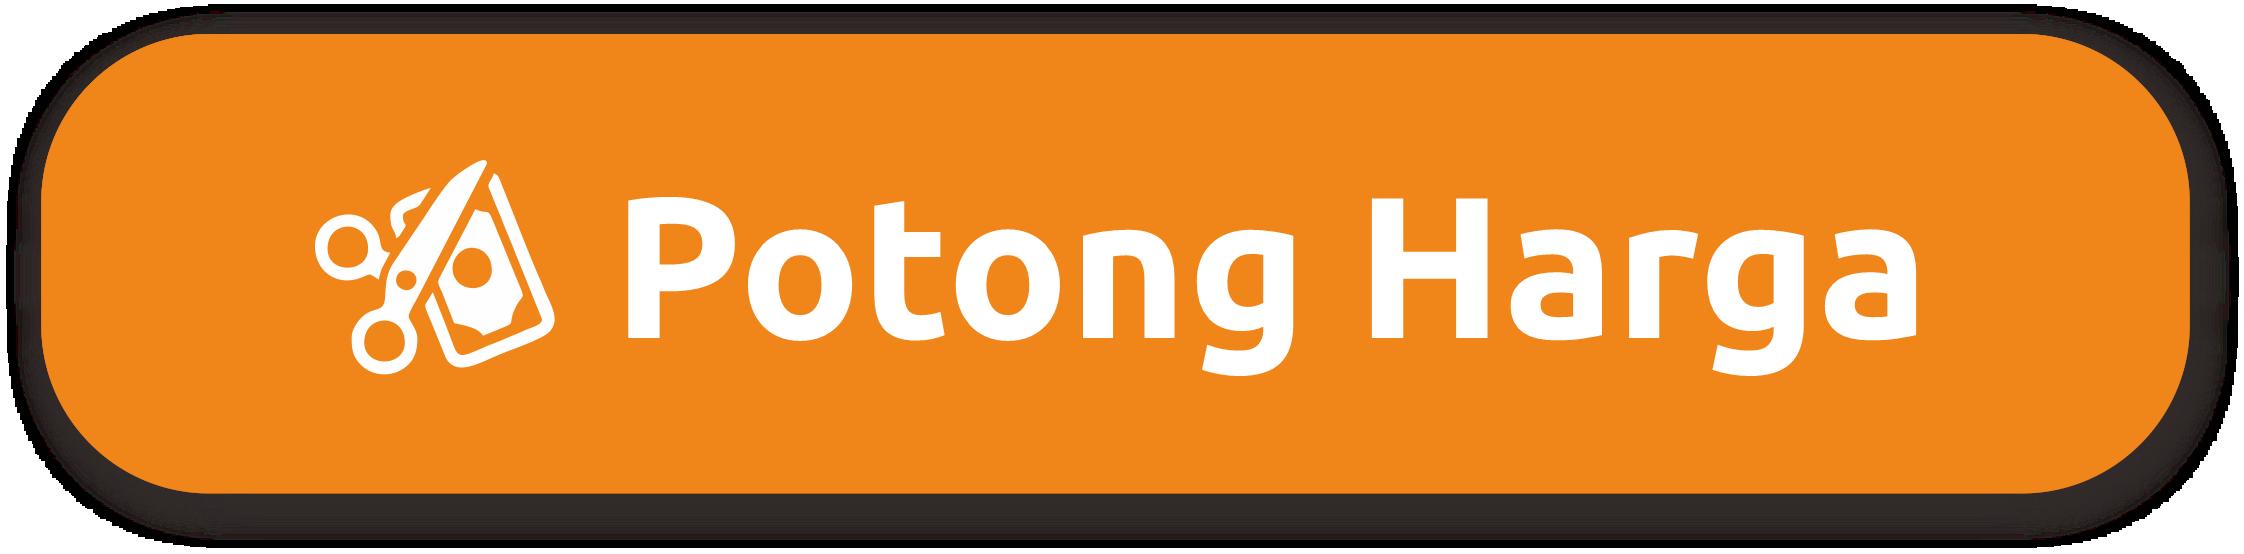 Potong Harga Kota Bandung